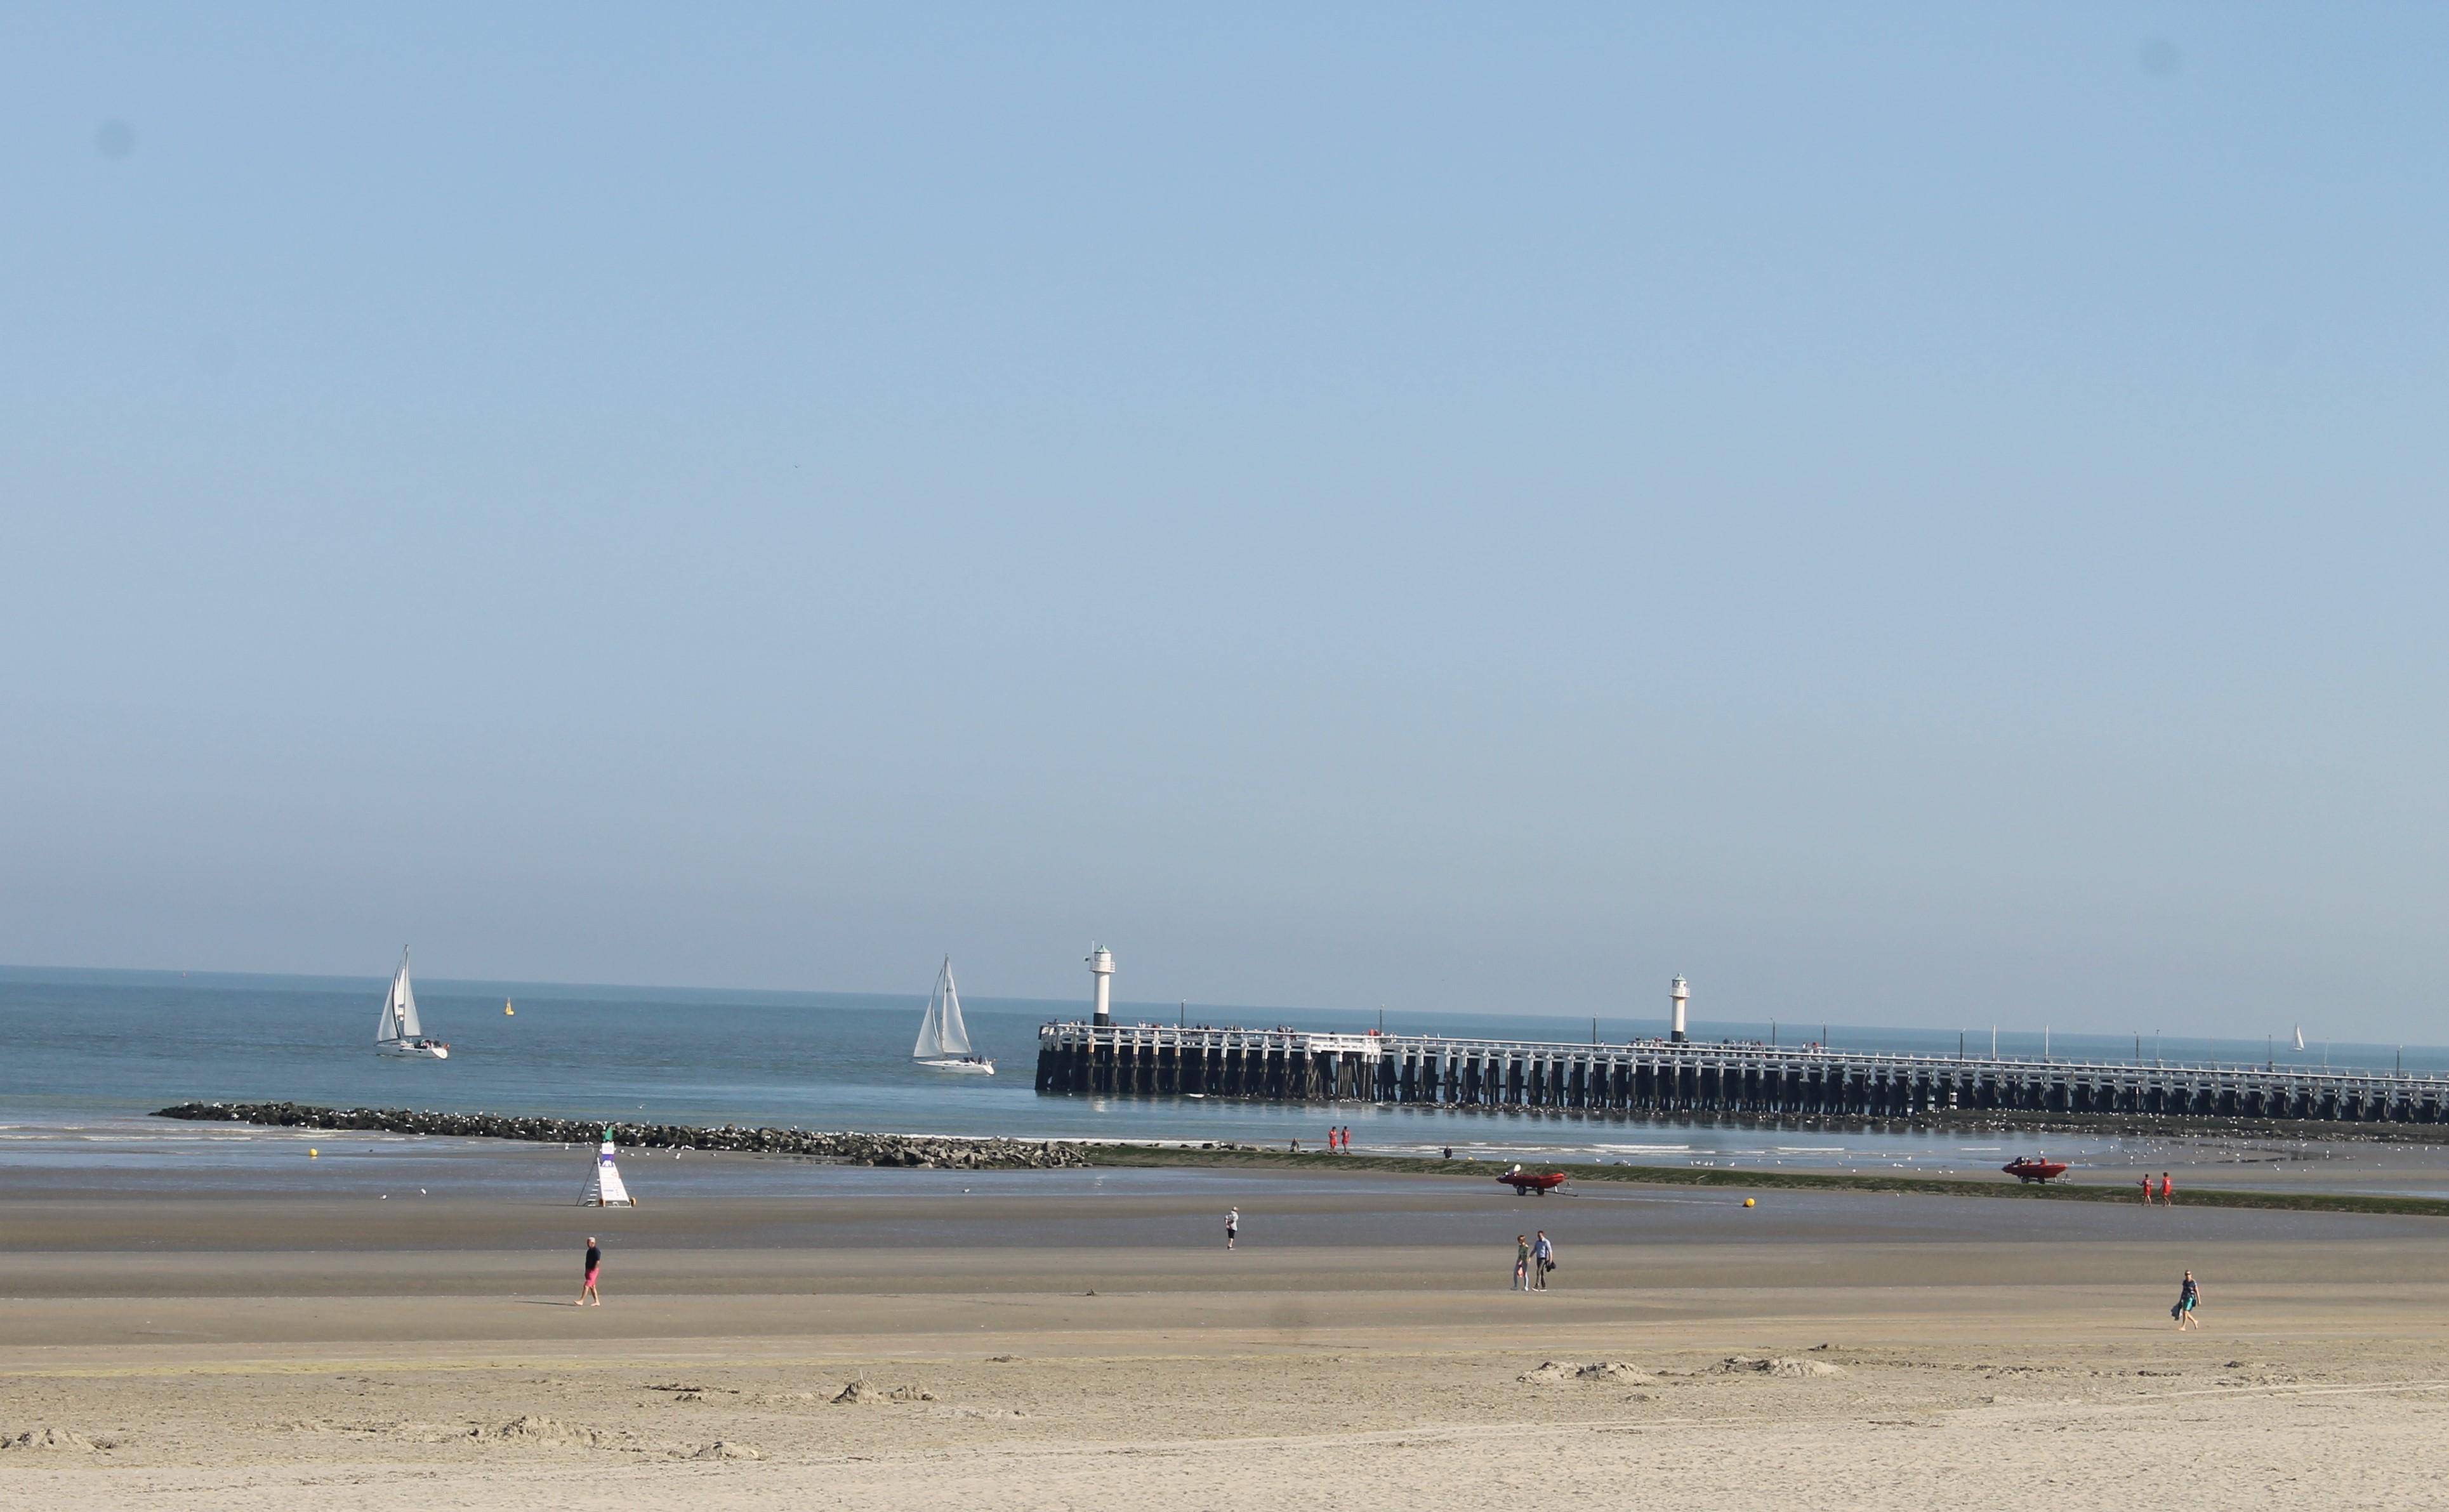 Vakantieverhuur appartement in Nieuwpoort aan de Belgische kust